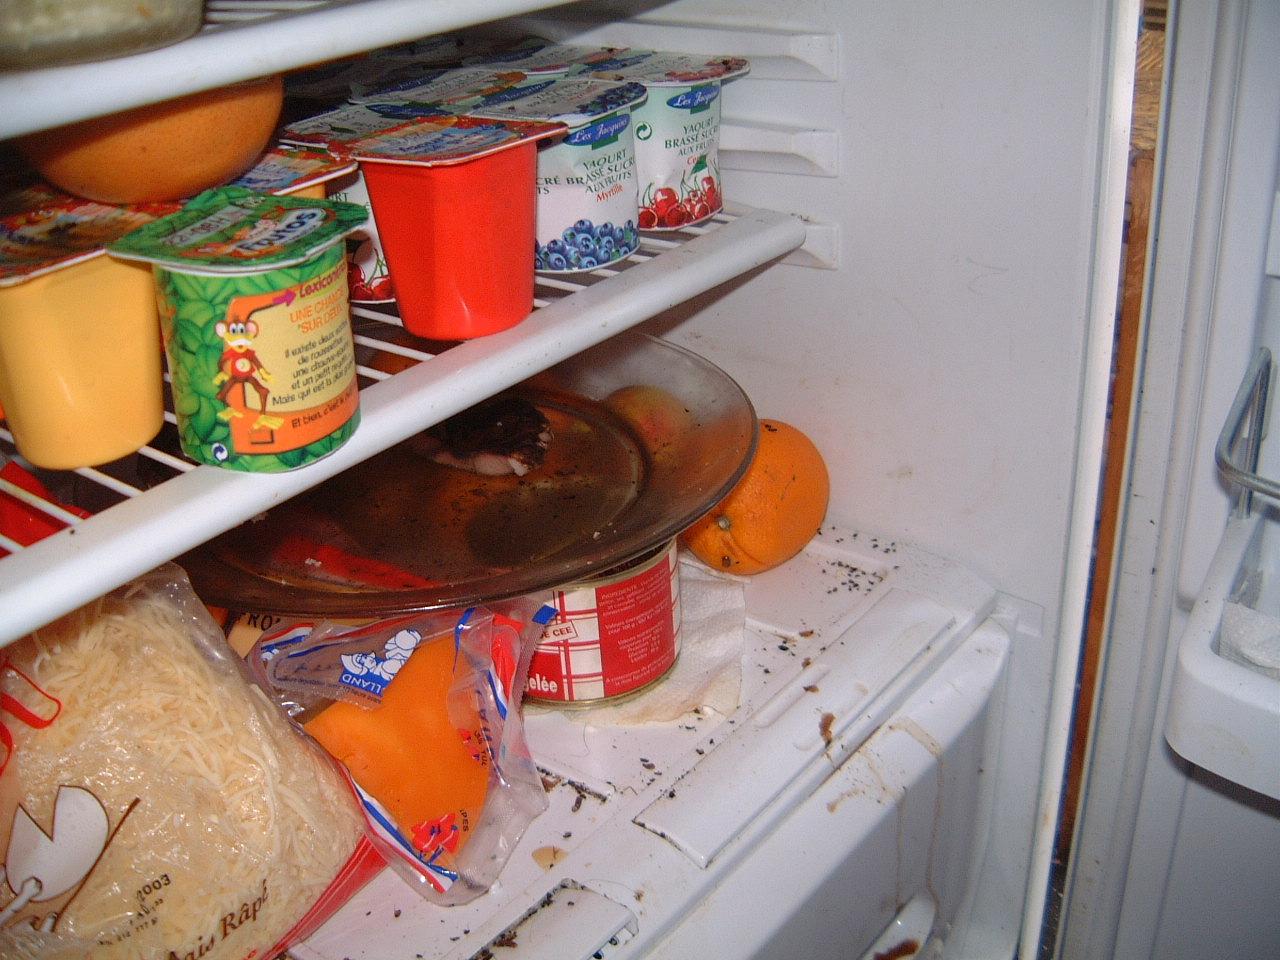 Blatte De Cuisine Photo invasion de cafards, blattes dans appartement